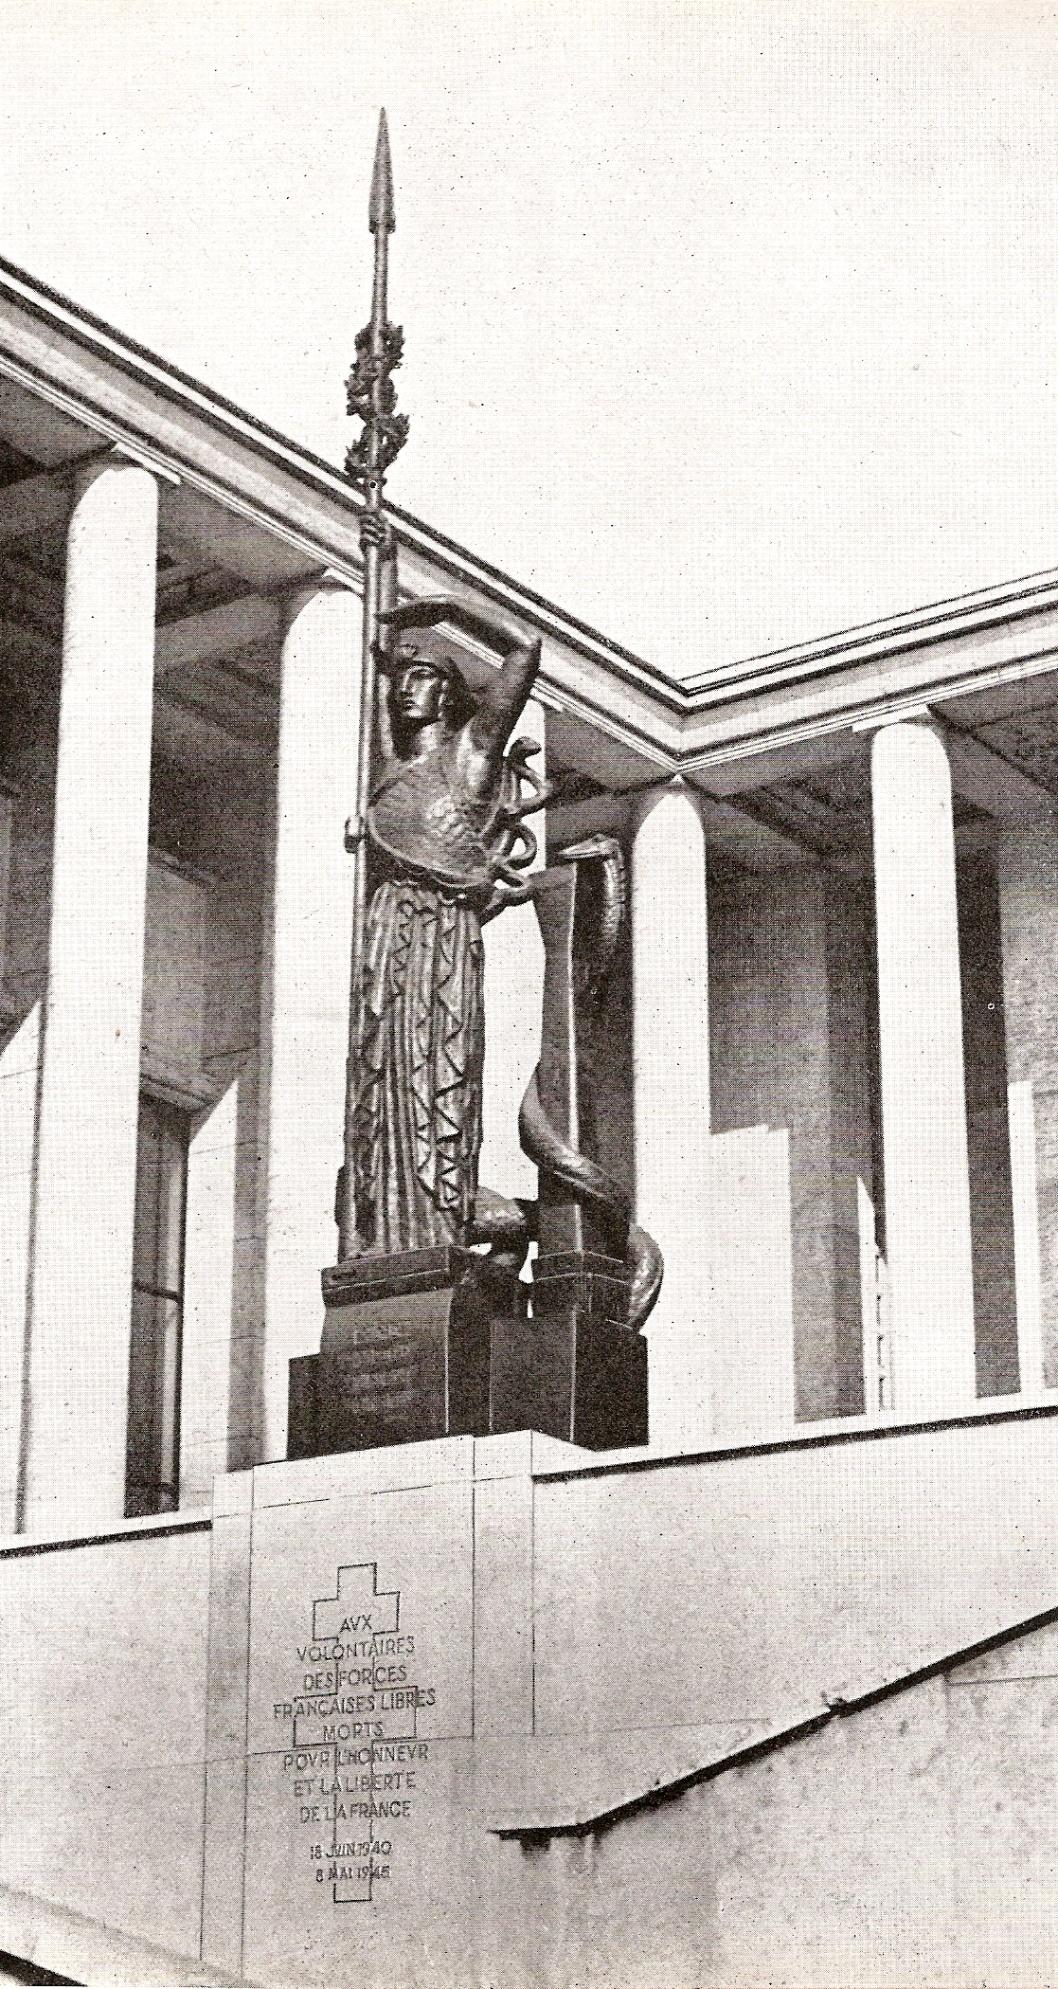 Le monument aux morts de la France Libre